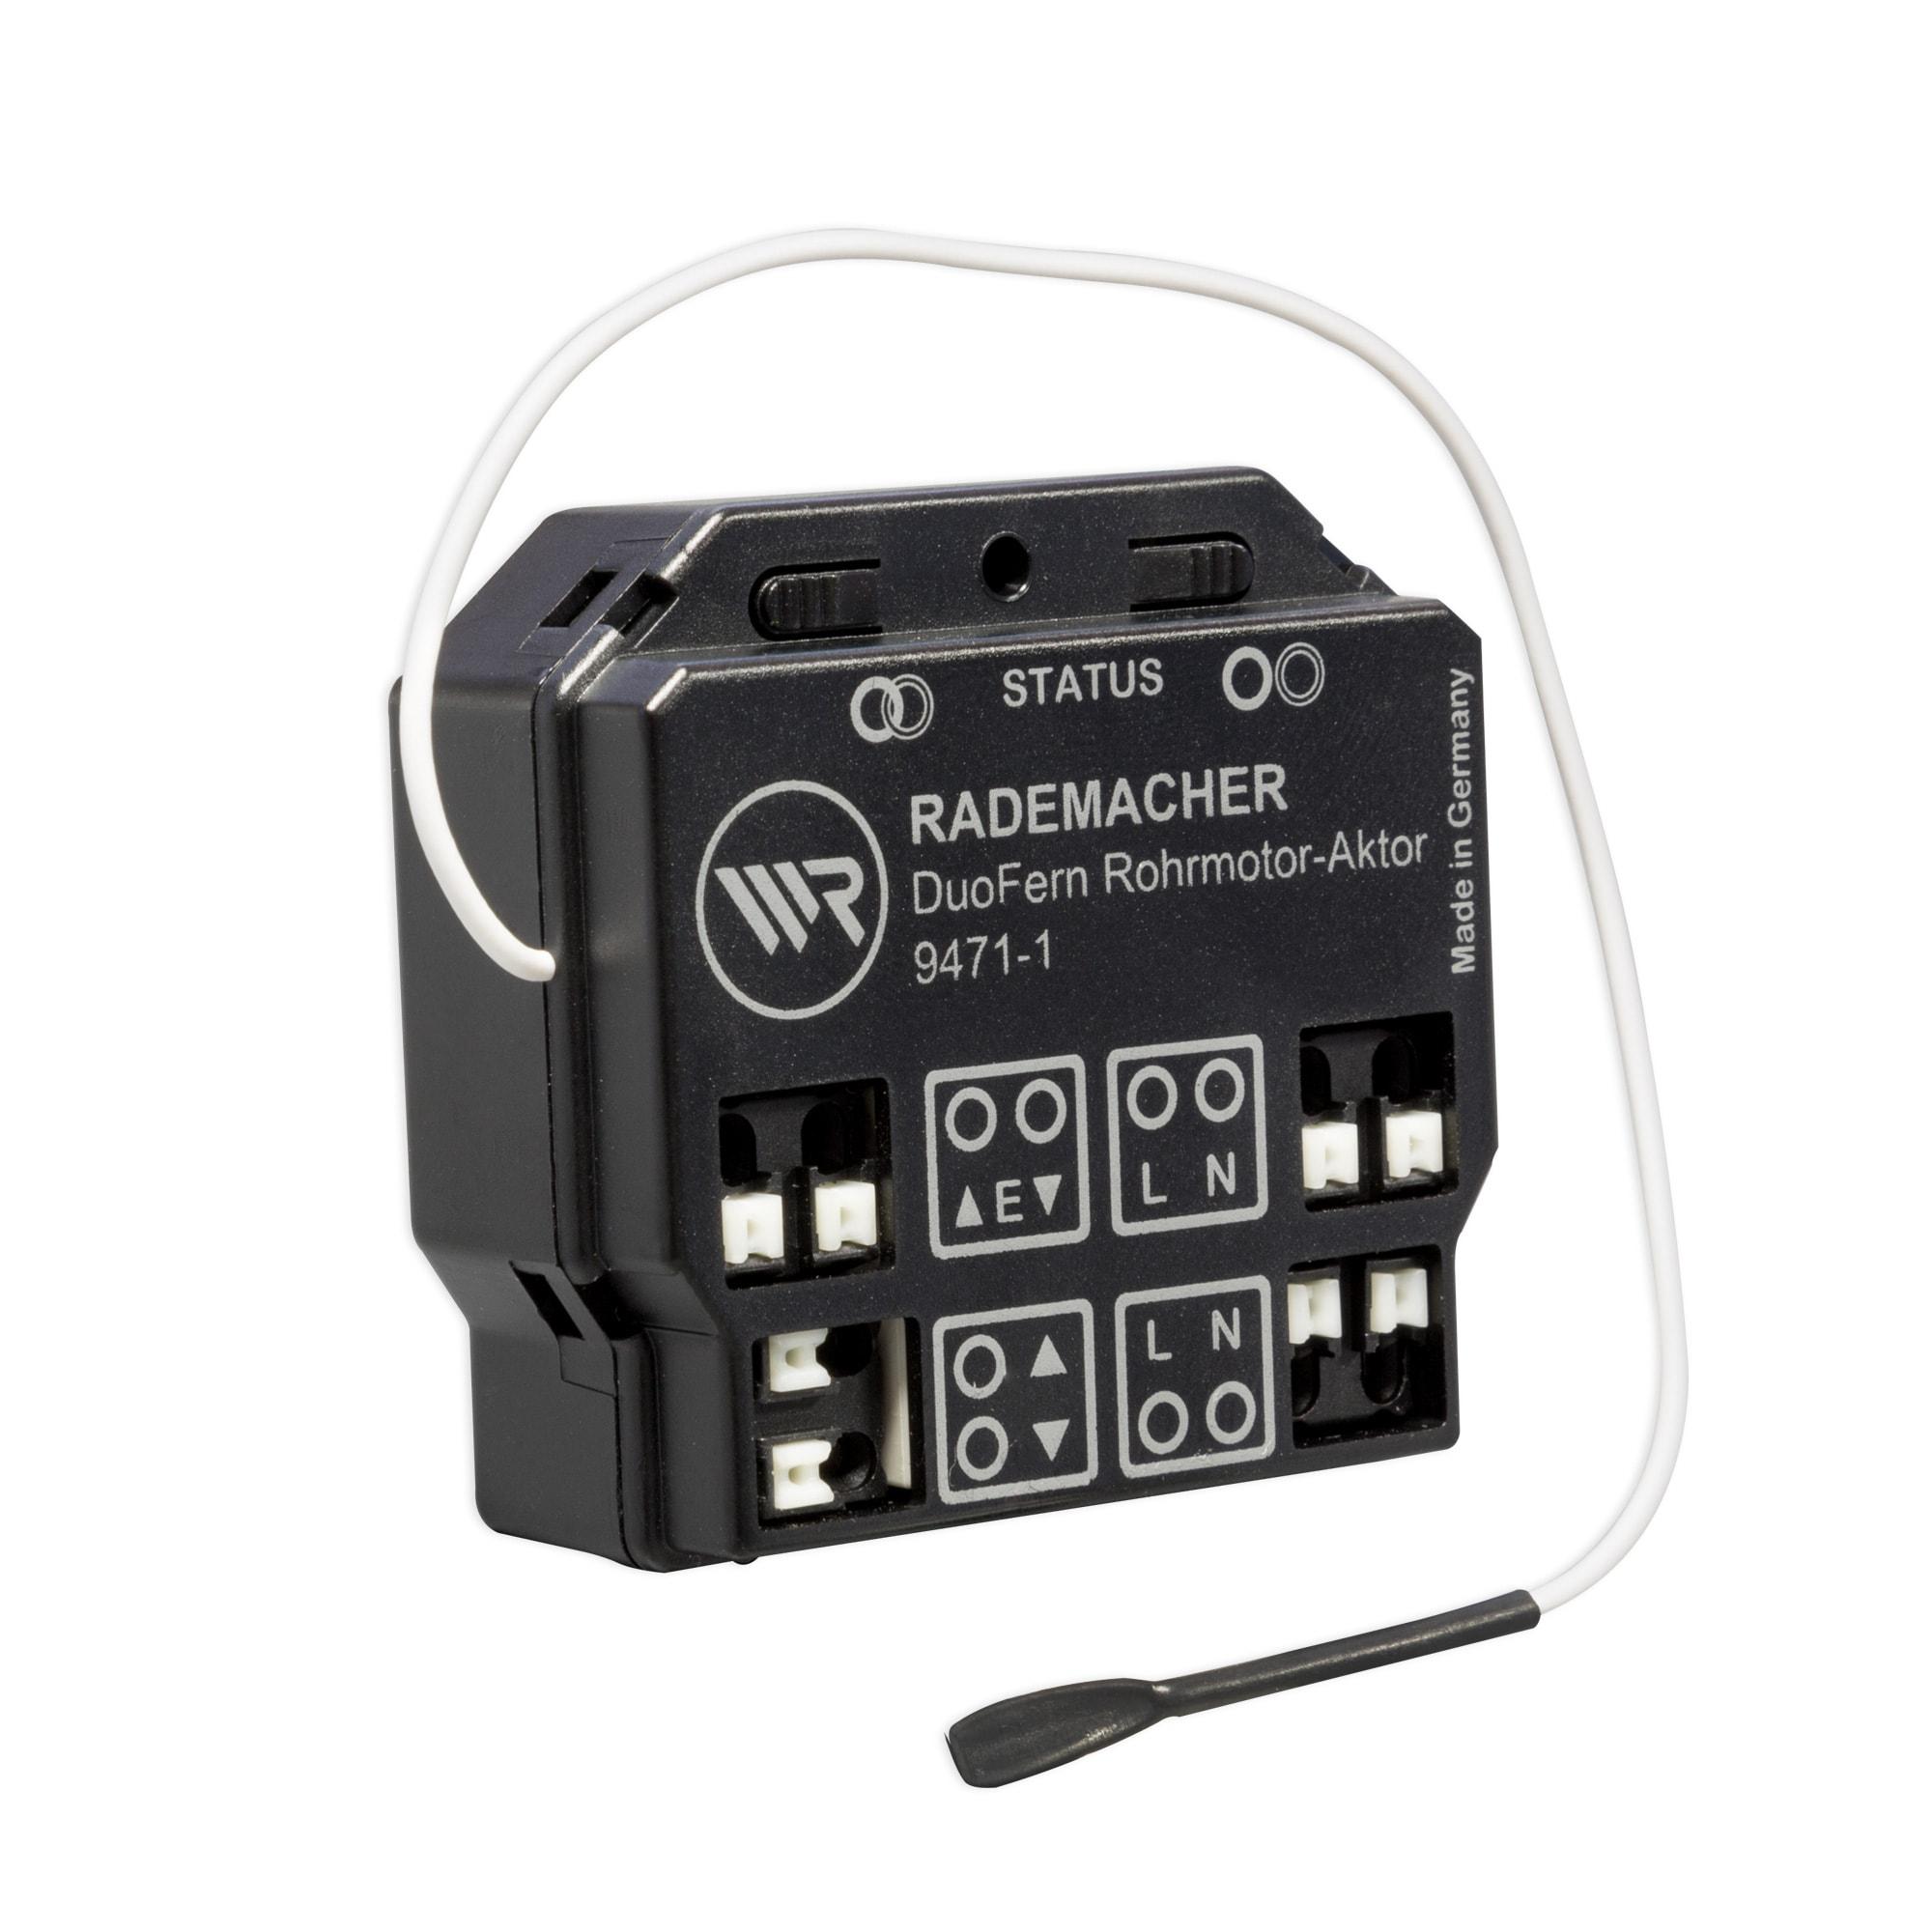 Funksteuerung Funkfernbedienung Funk Steckdosen Funk Schalter